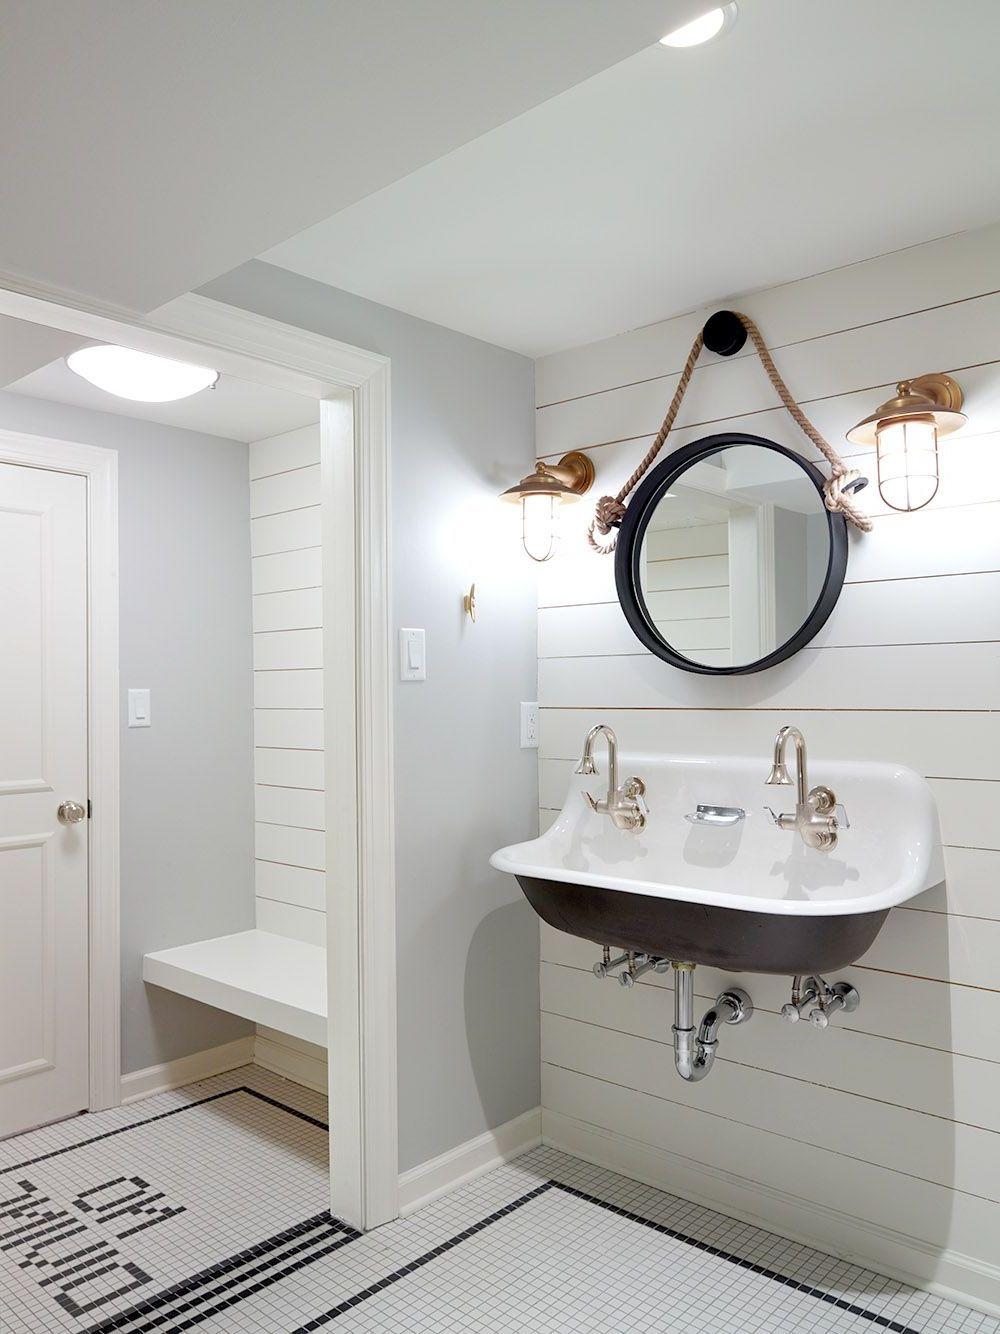 Pool House Bathroom Ideas Poolhouse Bathroomideas Restroom Remodel Pool House Bathroom White Bathroom Decor